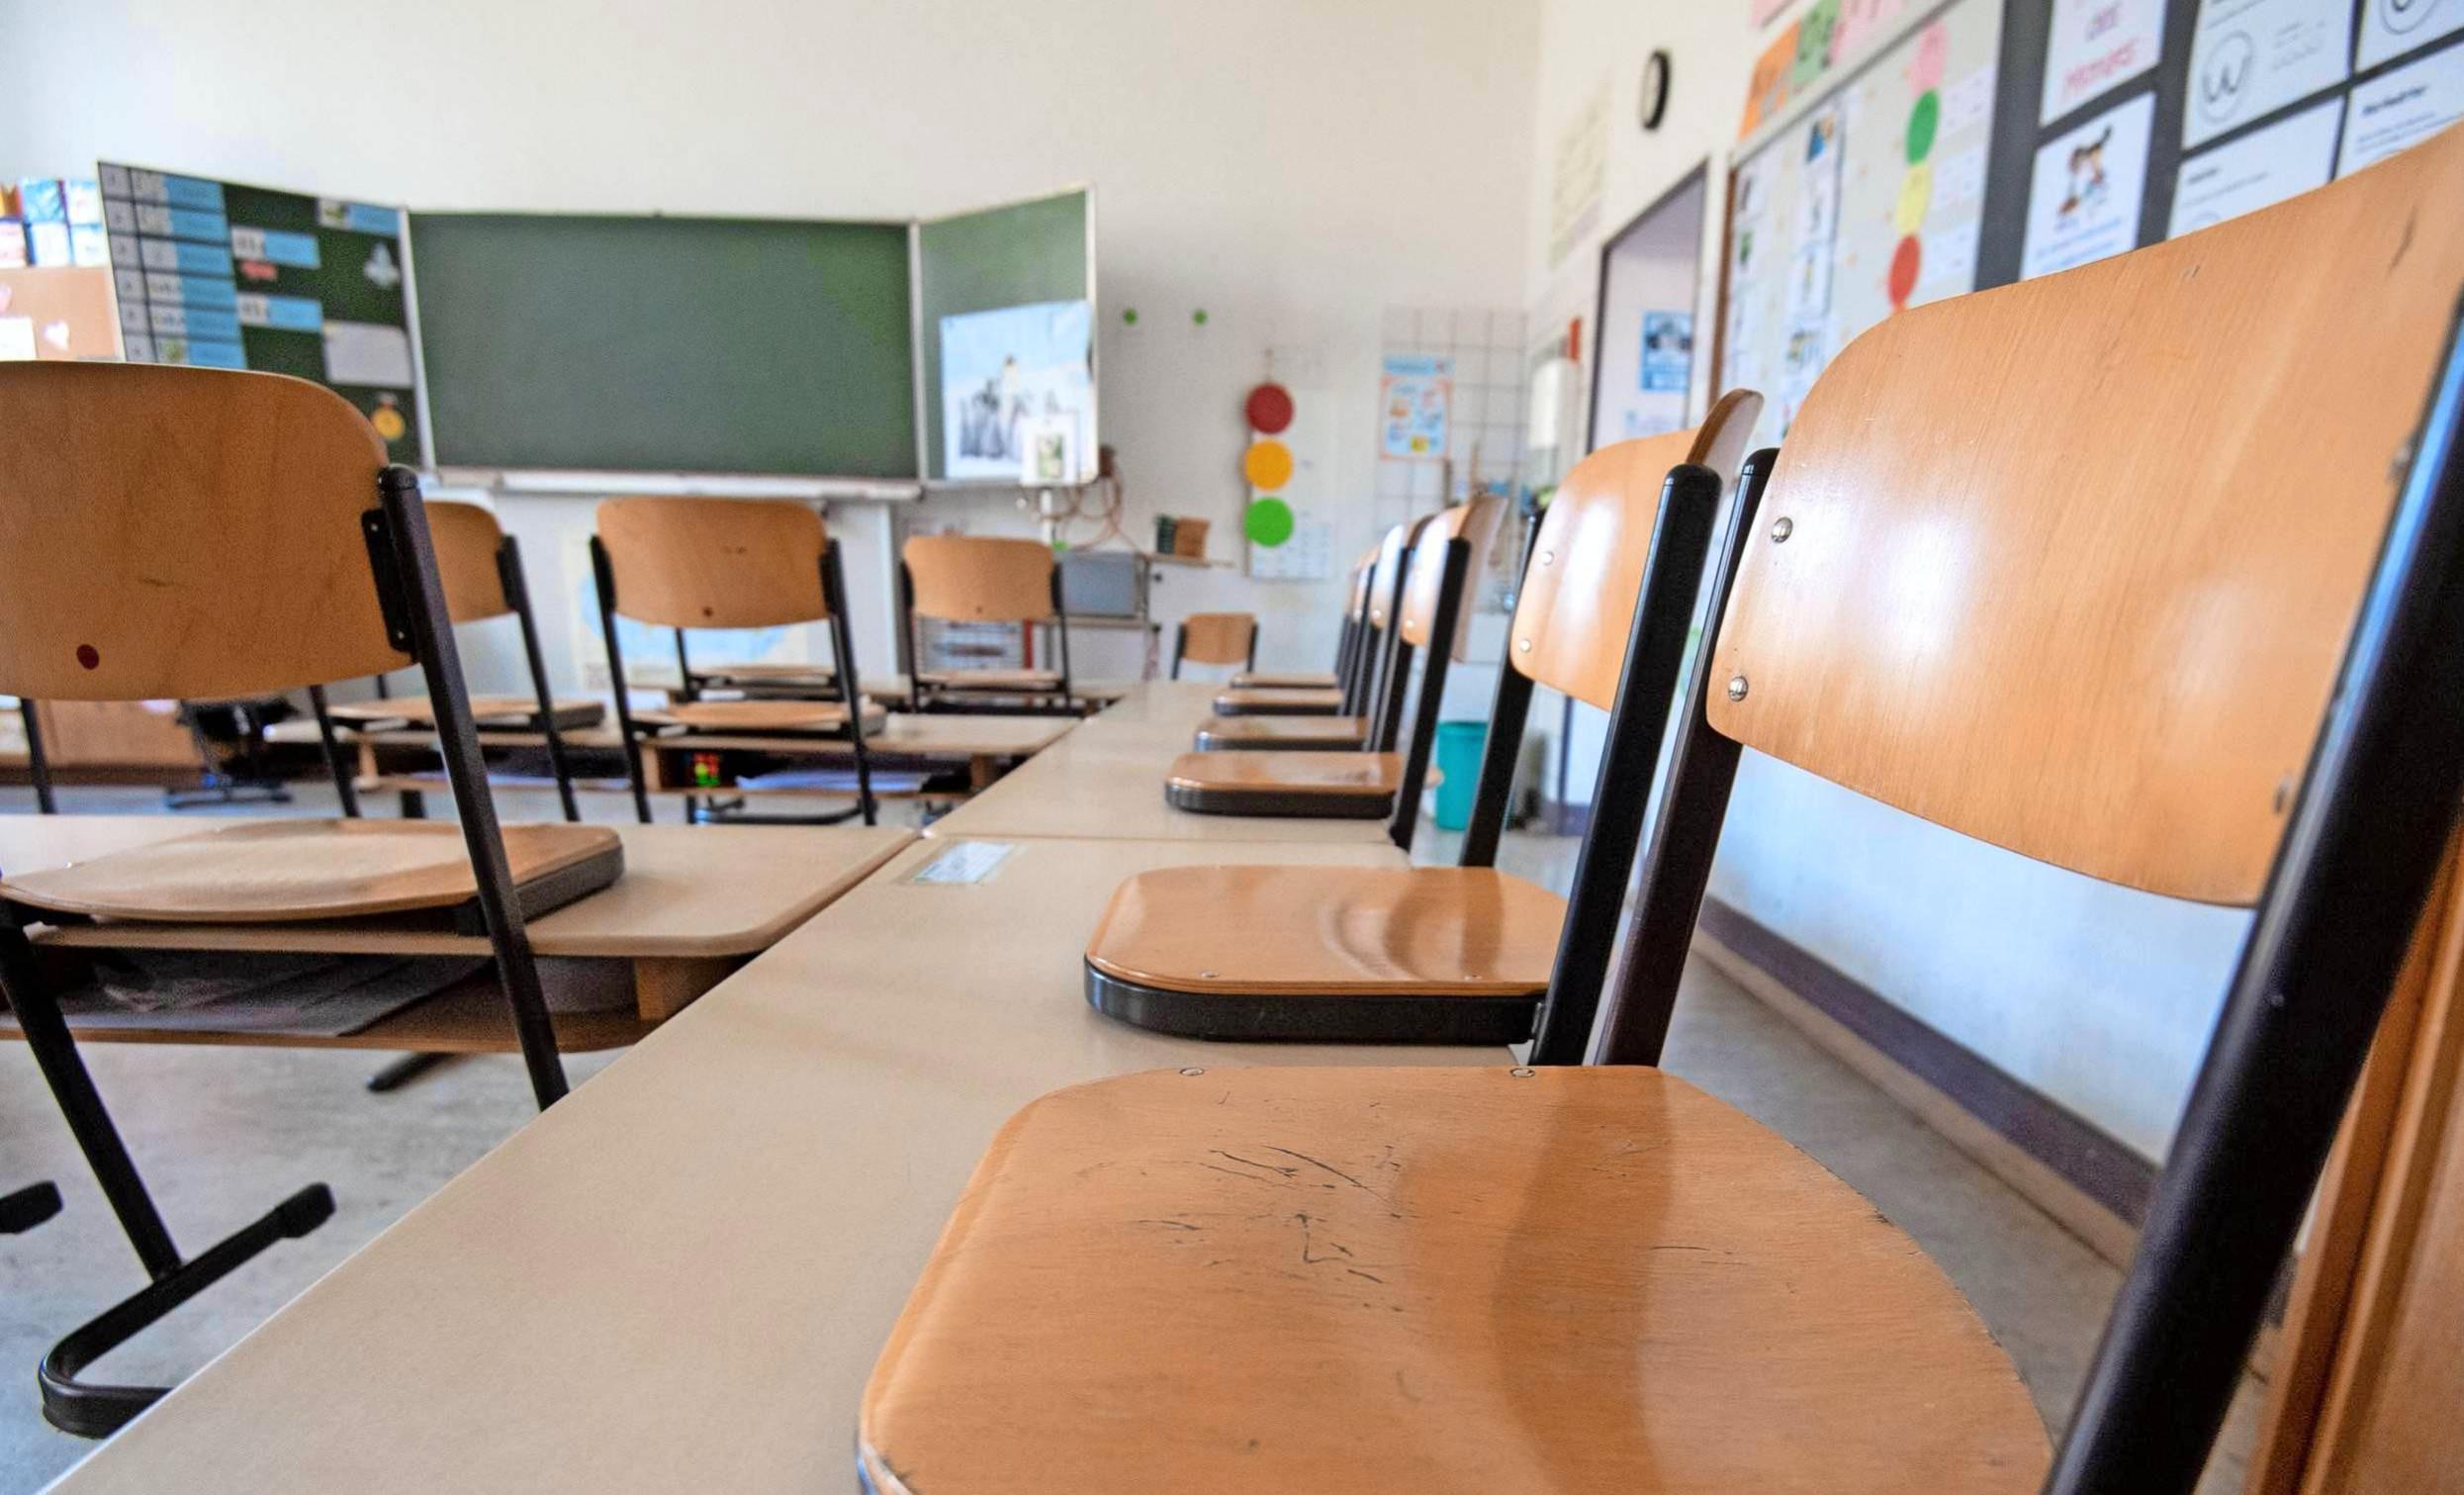 Leben mit der Corona-Krise: Seit dieser Woche sind auch in Neckarsulm Kitas, Schulen und weitere öffentliche Einrichtungen geschlossen. Kultur-Veranstaltungen finden nicht mehr statt. Gaststätten ist der Betrieb untersagt. Foto: dpa